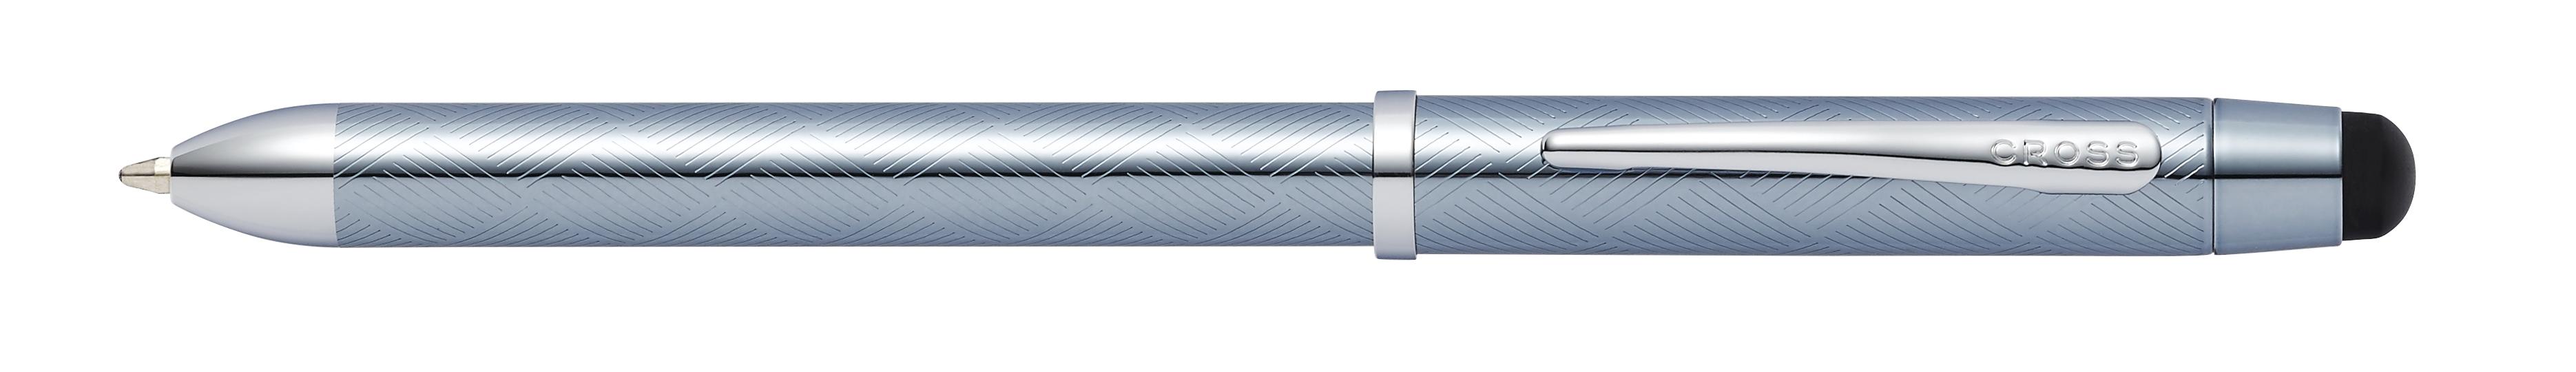 Tech3+ Frosty Steel Lacquer Multifunction Pen